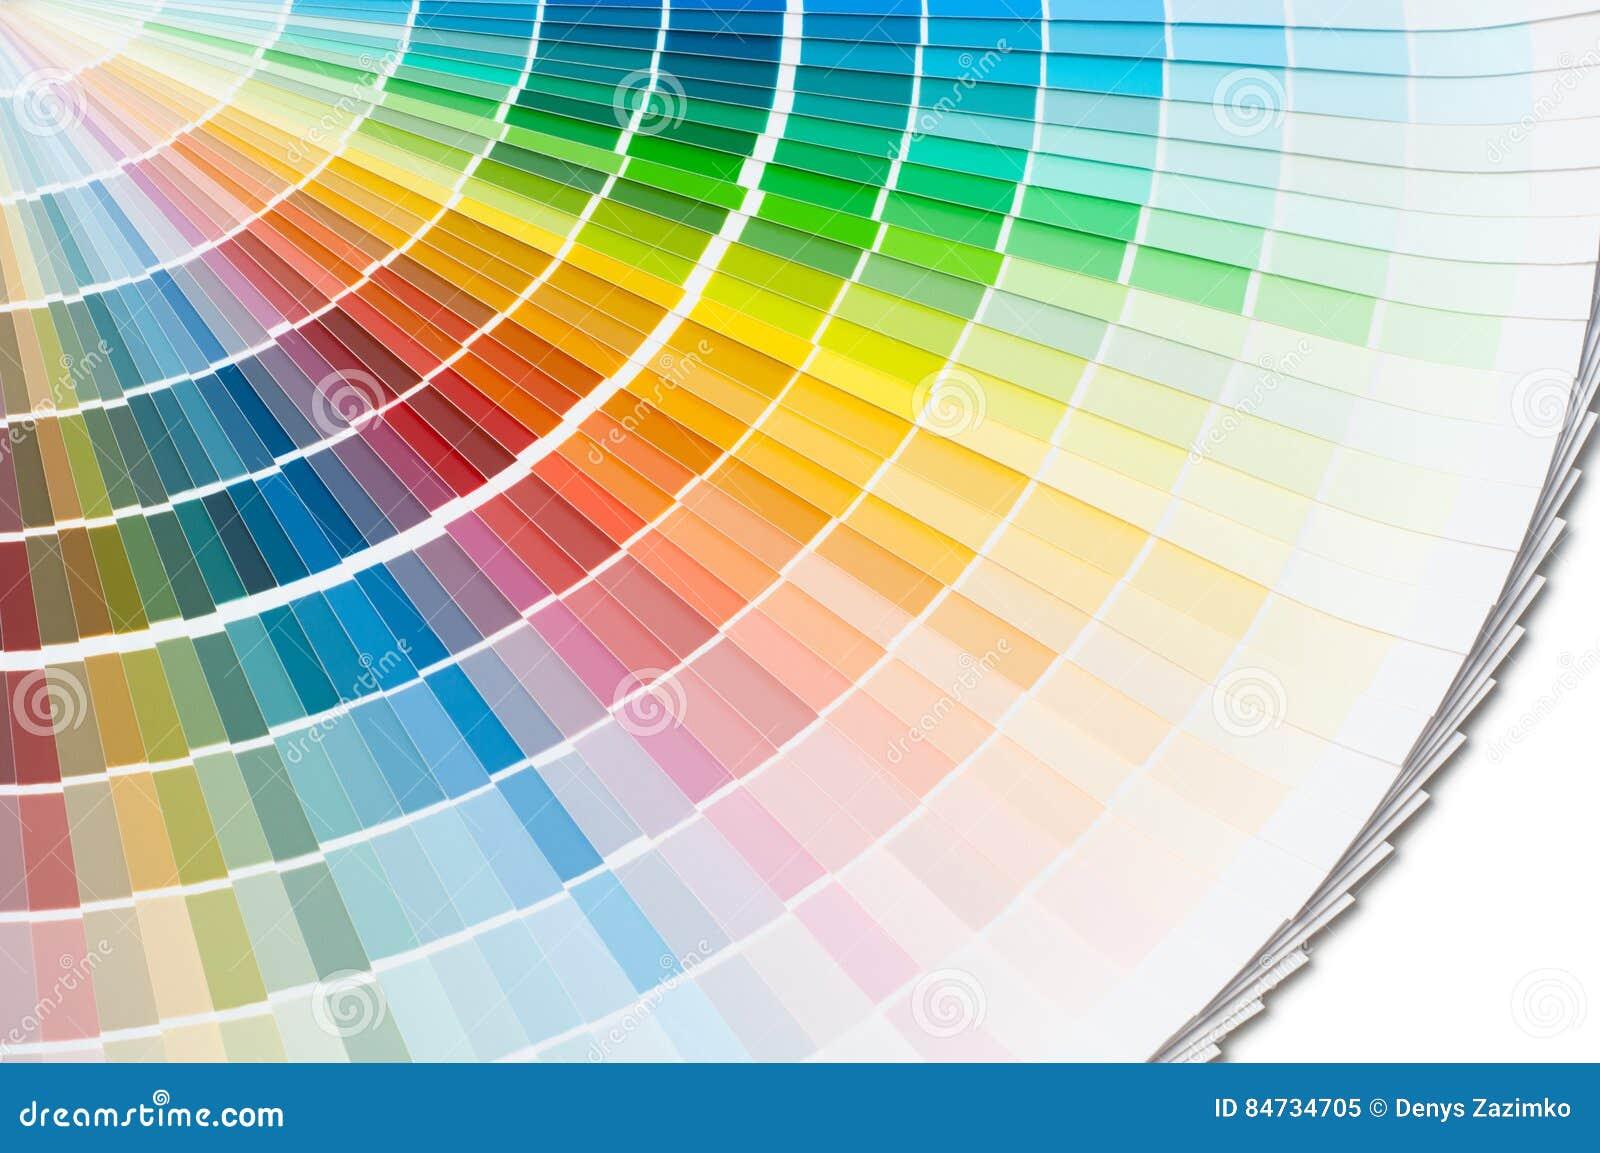 Color palette, color guide, paint samples, color catalog